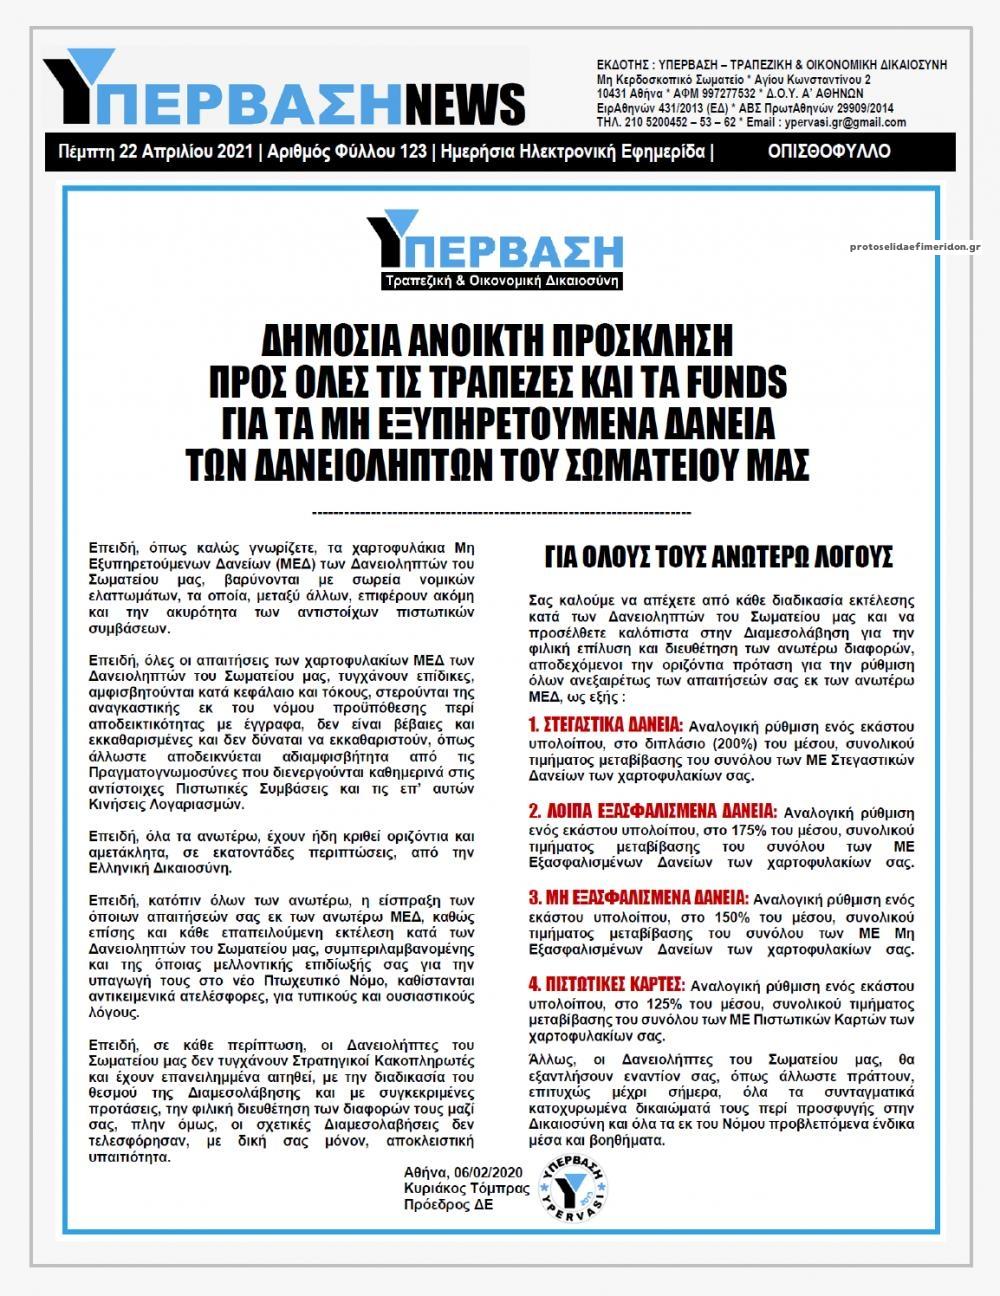 Οπισθόφυλλο εφημερίδας Υπέρβαση News